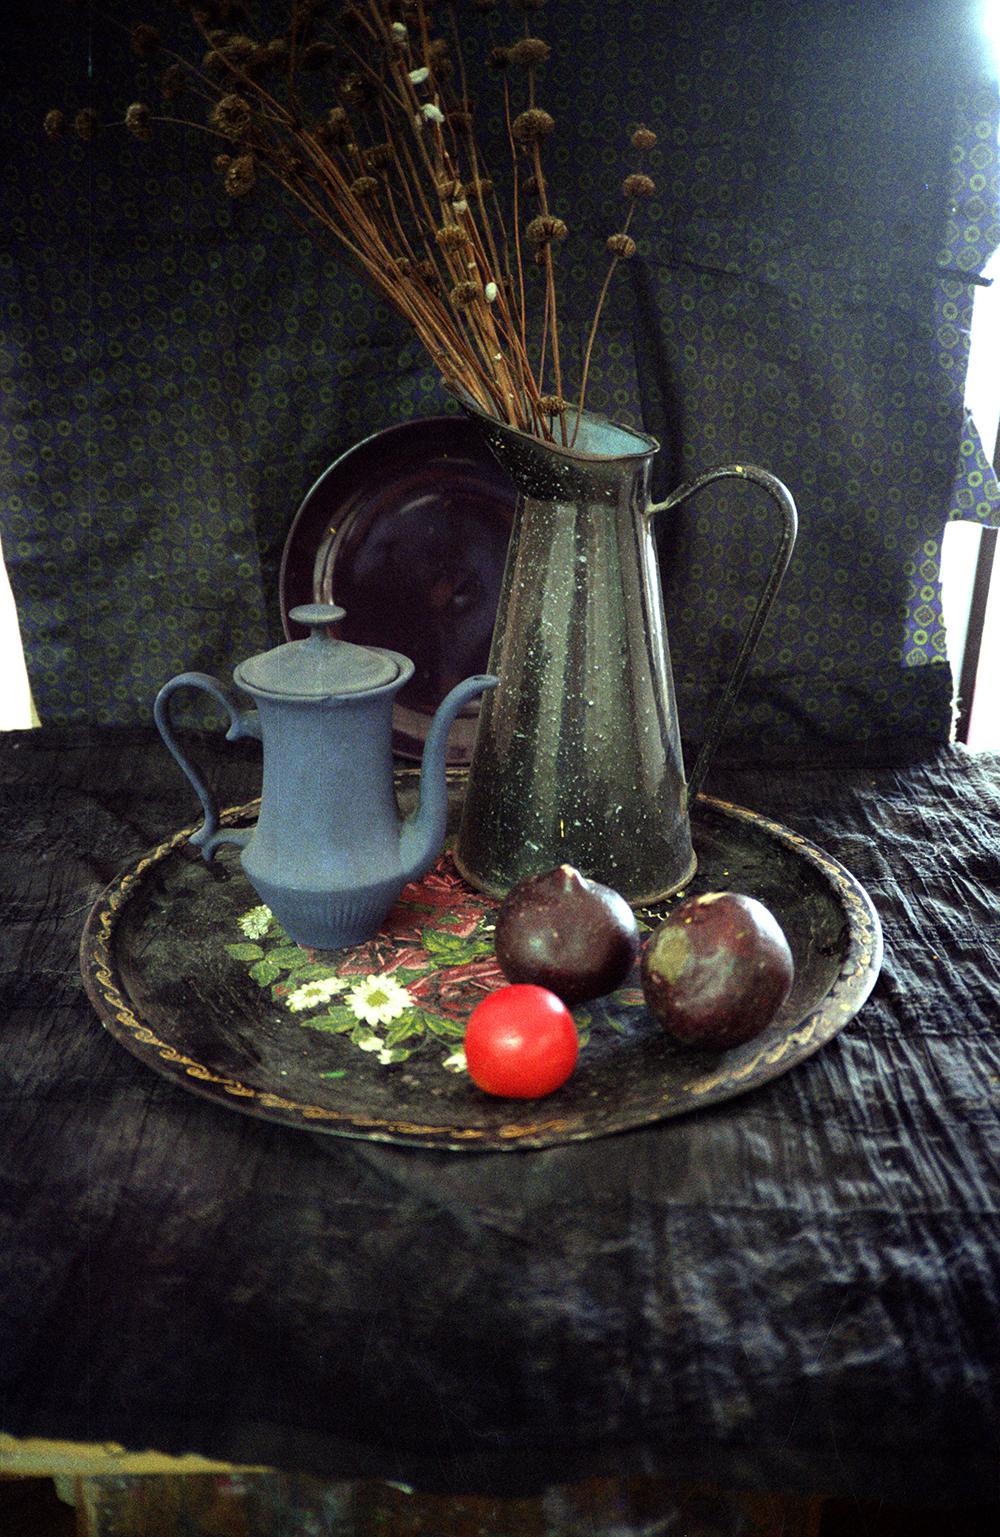 Пример фотографии на Olympus XA + Kodak Pro Image 100